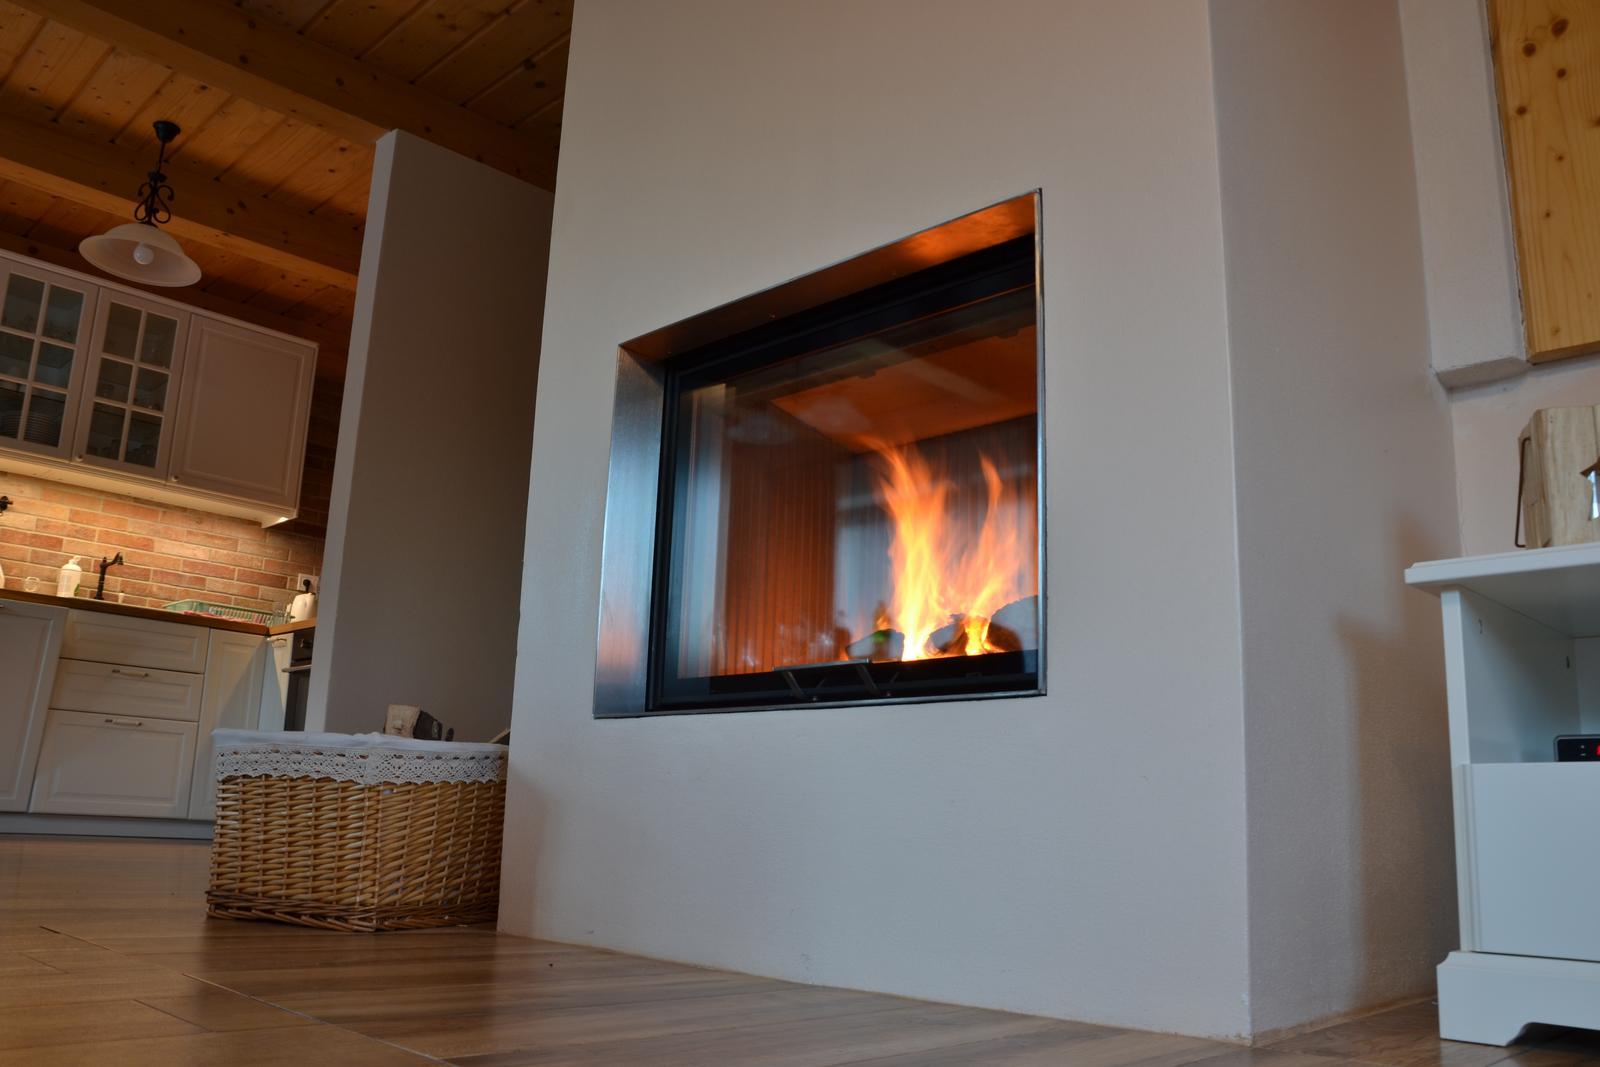 Horská chata s 6 izbami vykúrená jedným kvalitným krbom :) - Obrázok č. 1